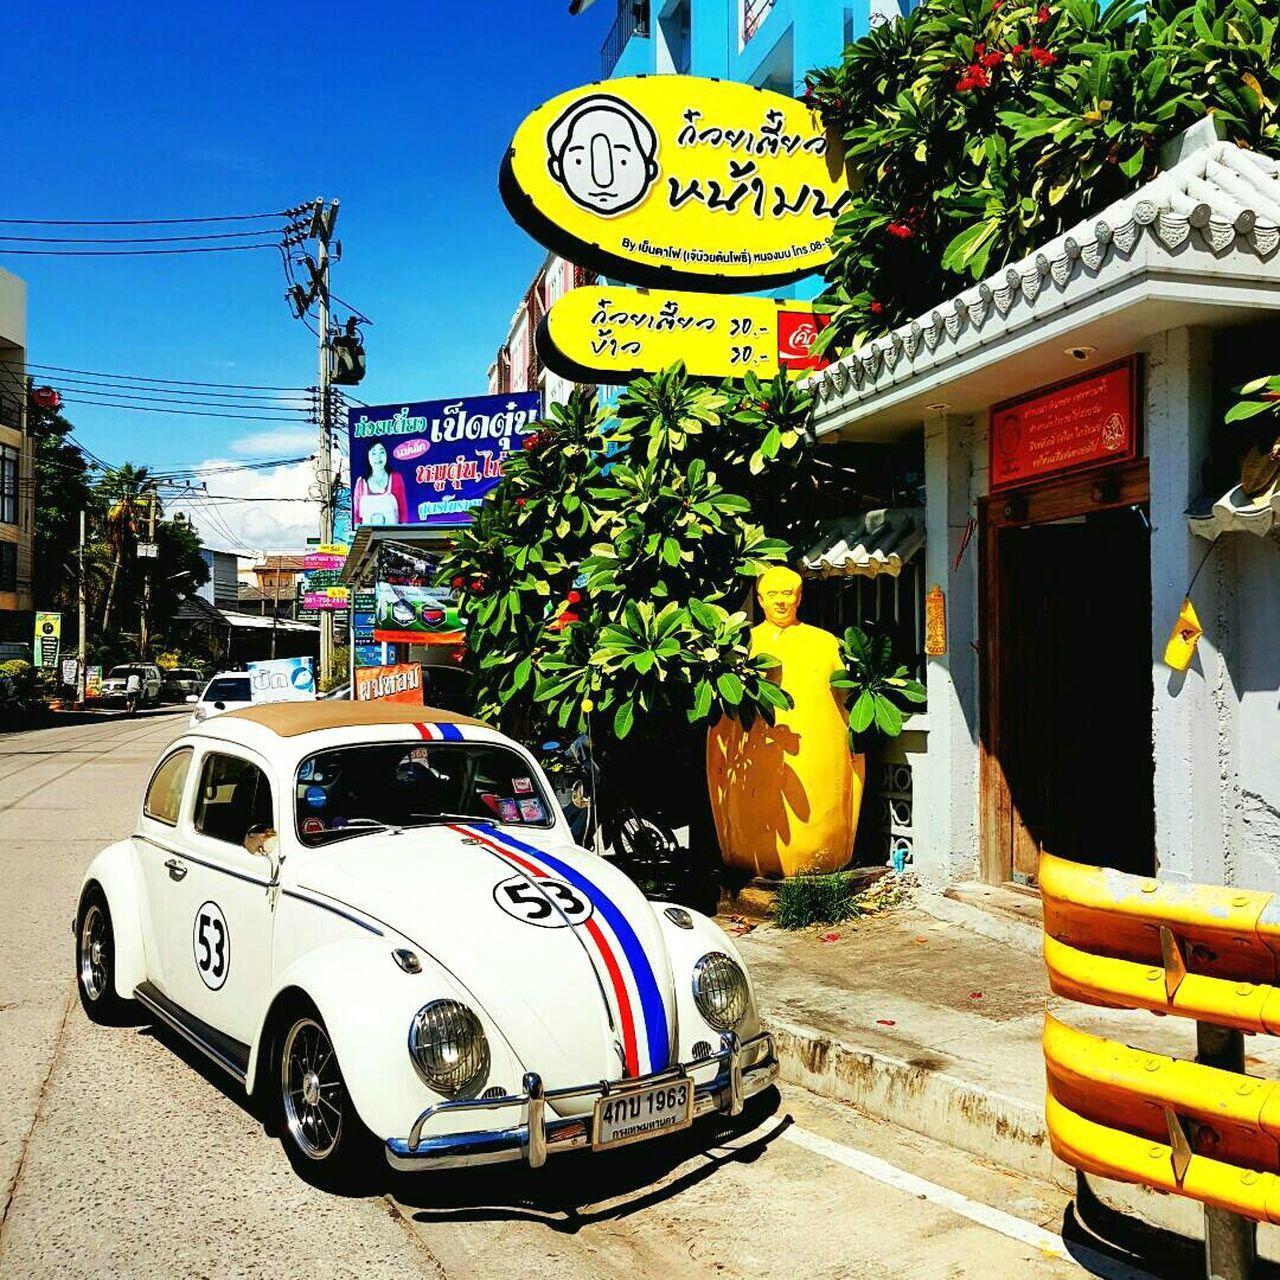 First Eyeem Photo Meinautomoment HerbieTheLoveBug Volkswagen Beetle Volkswagenperformance Thailand